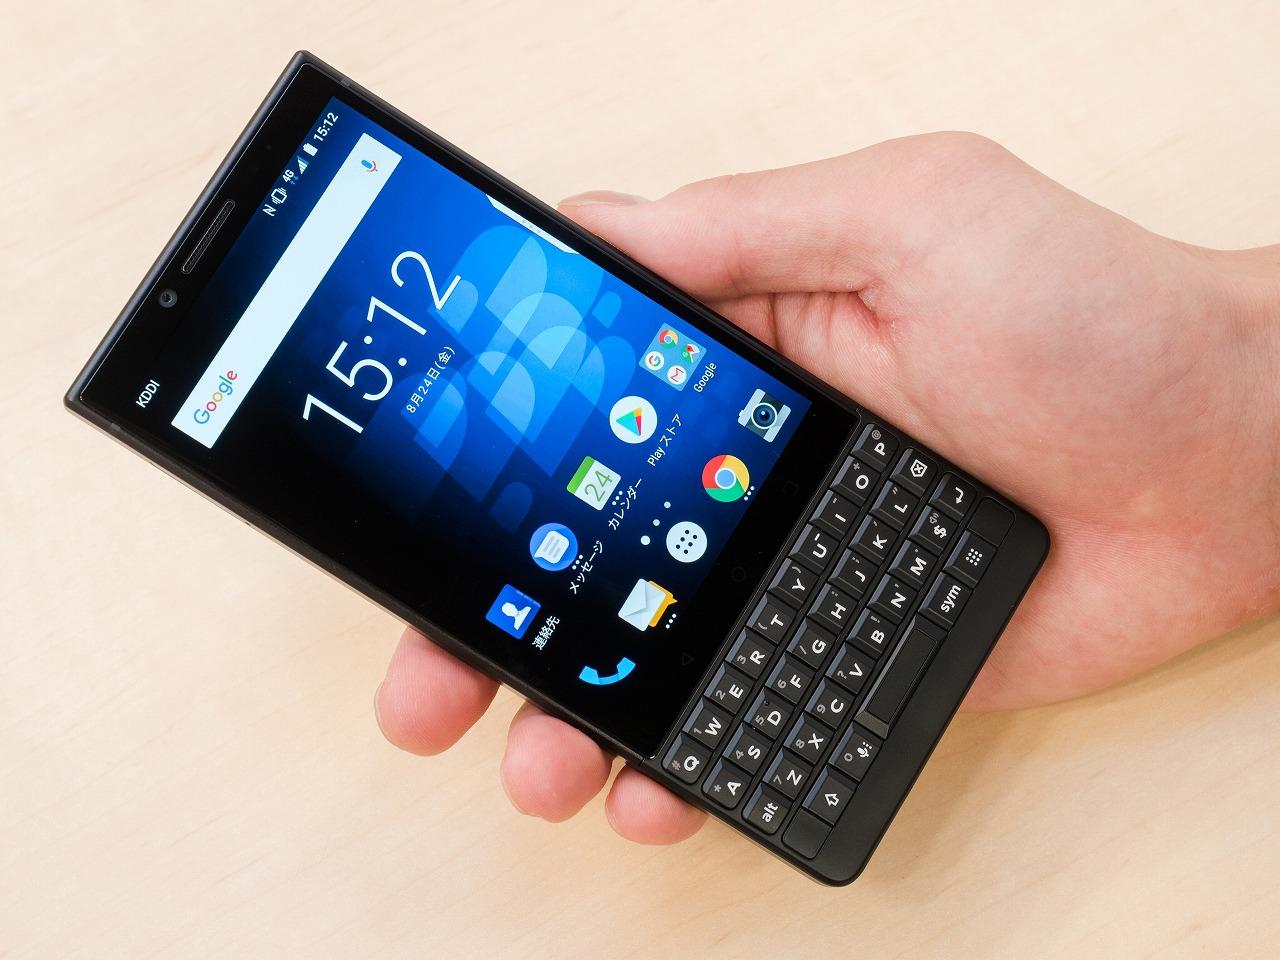 6569f4e17f Sponsored by FOX : au回線に対応した「BlackBerry KEY 2」が日本上陸 ...